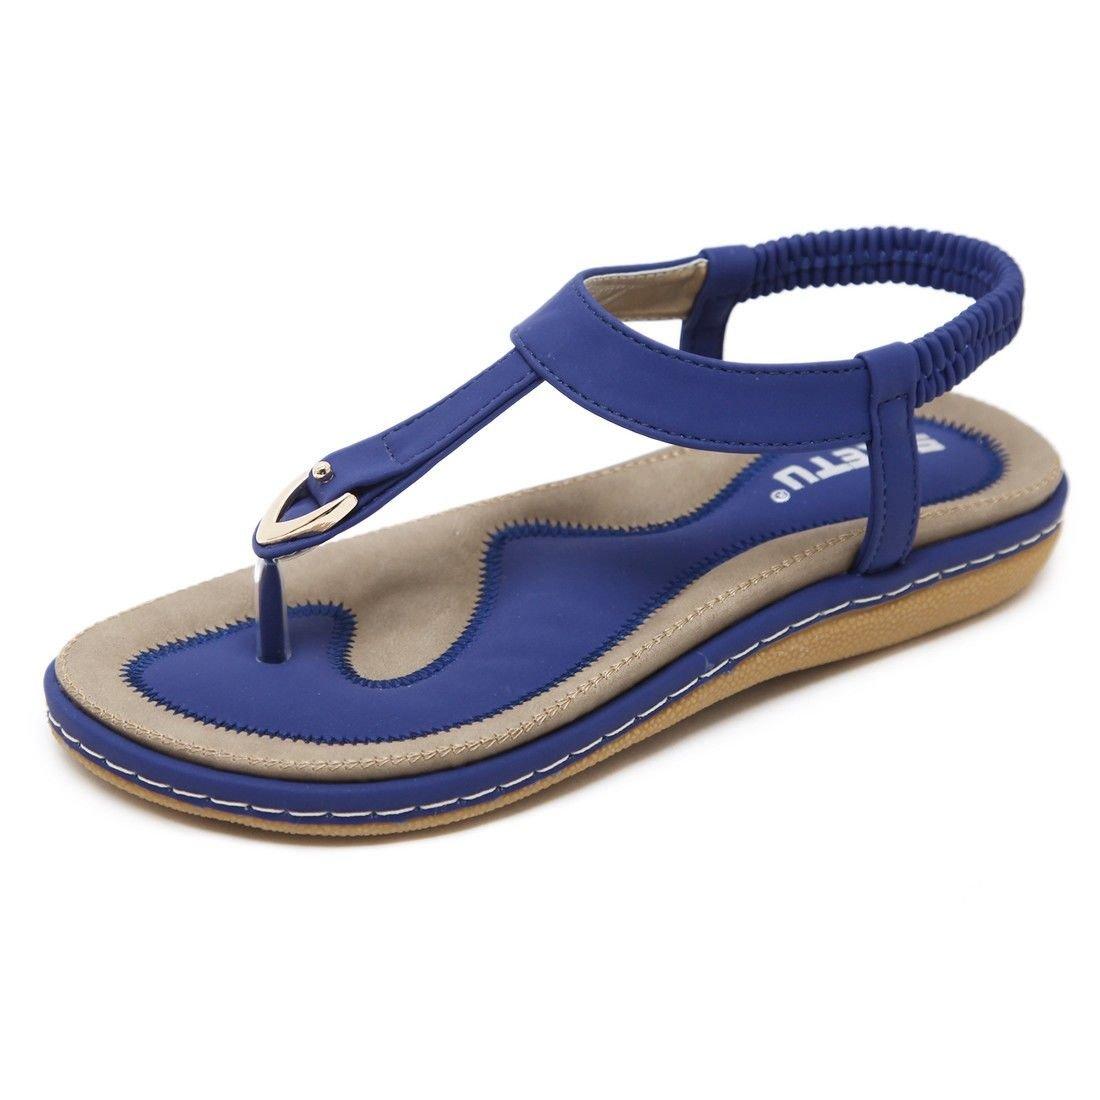 AIKAKA Damenschuhe Fruuml;hling Sommer Groszlig;e Student Studded Flachen Sandalen  42 EU|Blue